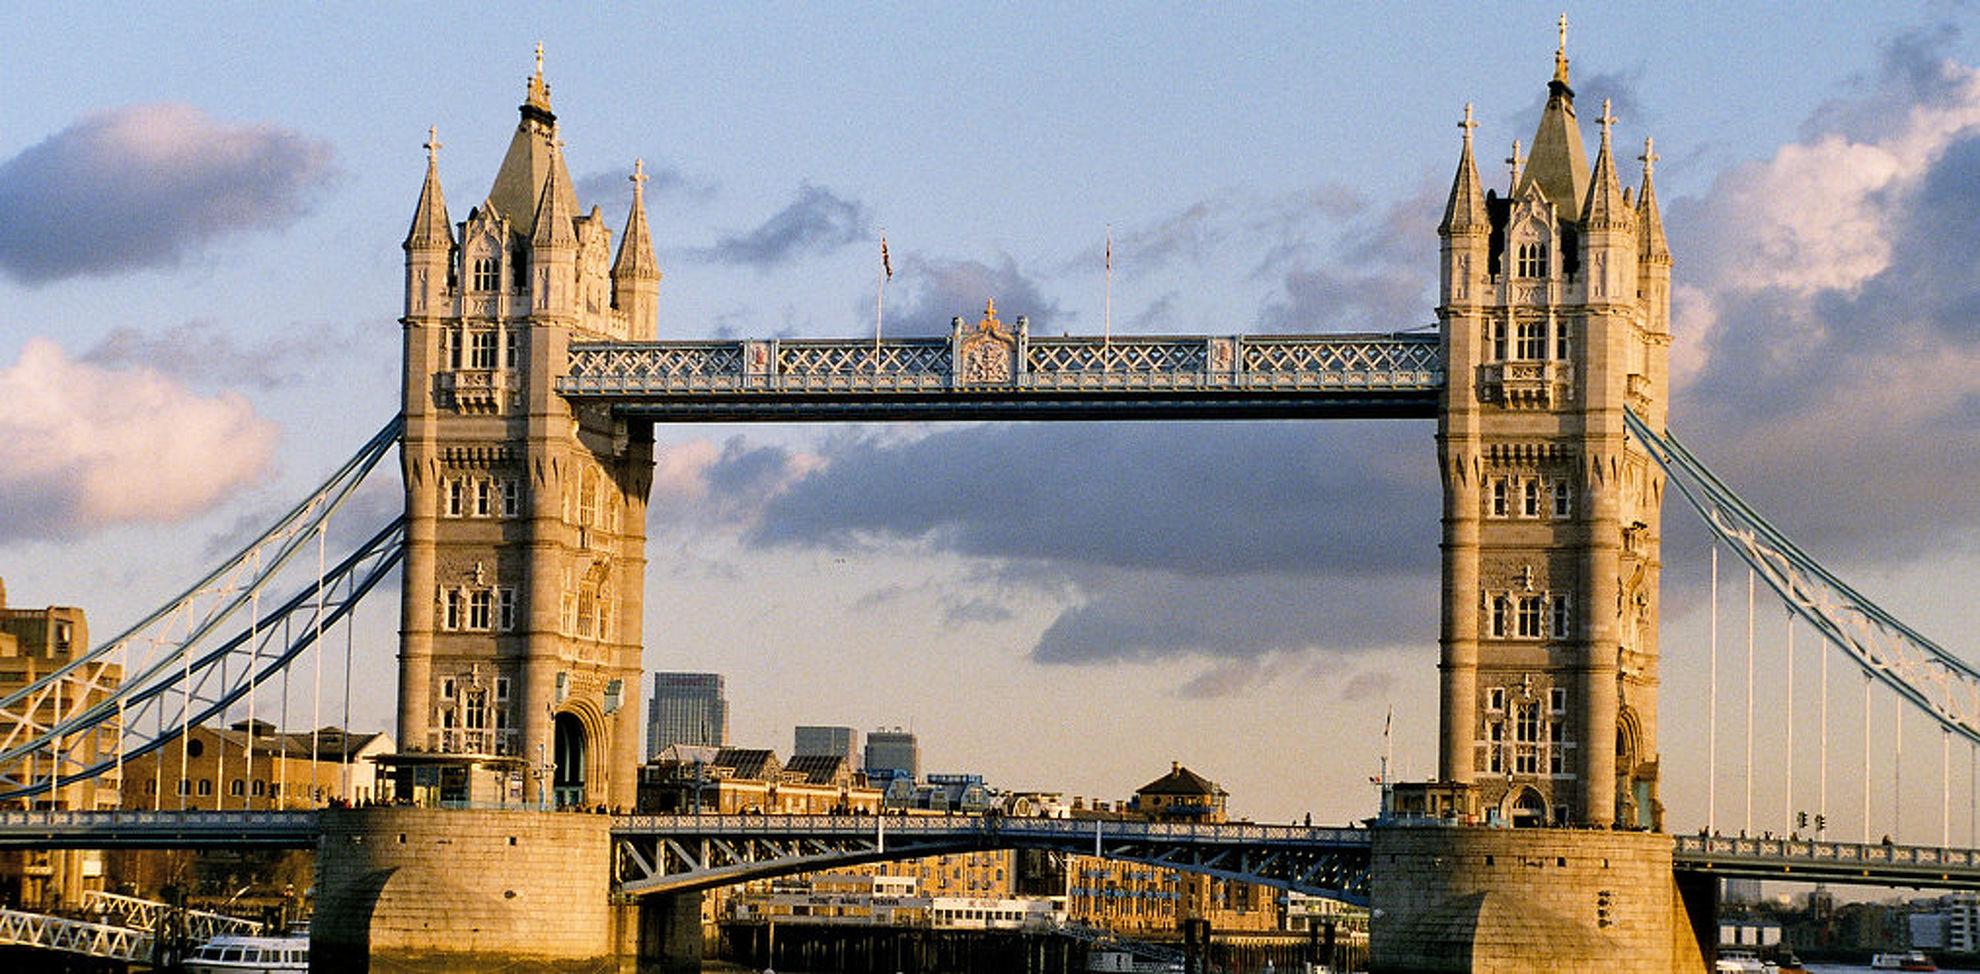 Explore Tower Bridge